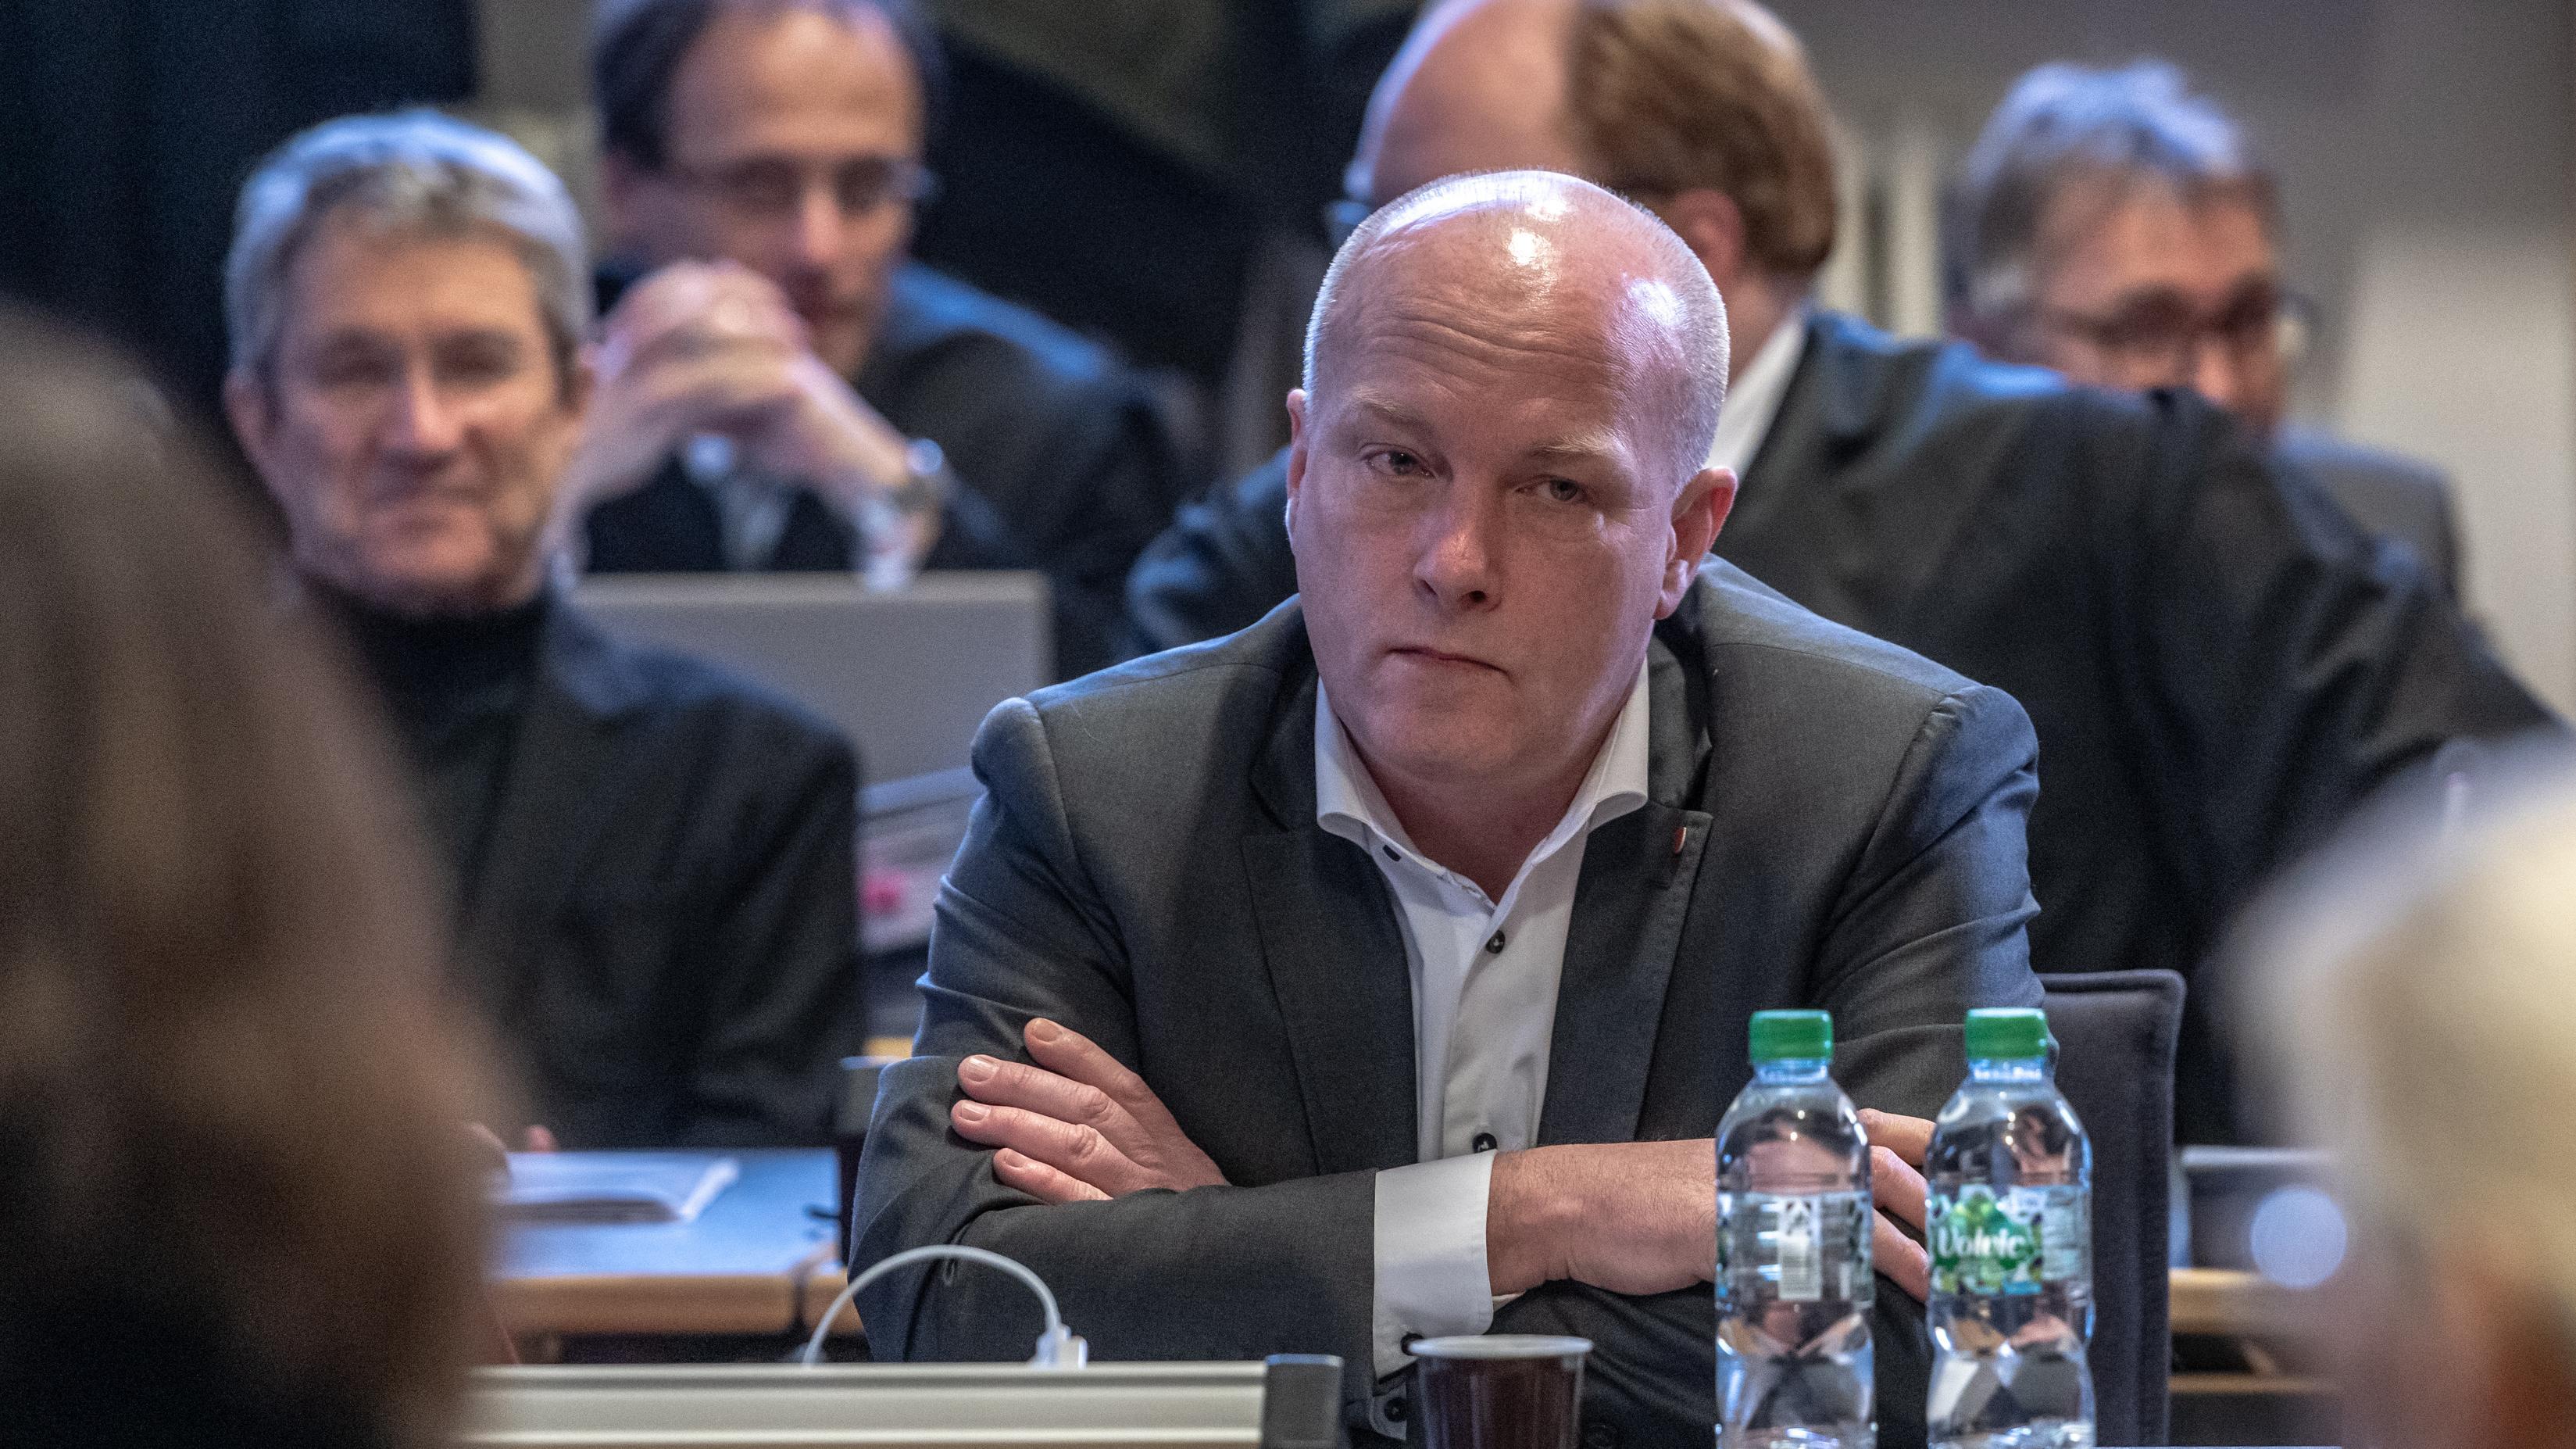 Joachim Wolbergs (SPD), suspendierter Regensburger Oberbürgermeister, sitzt im Verhandlungssaal im Landgericht.